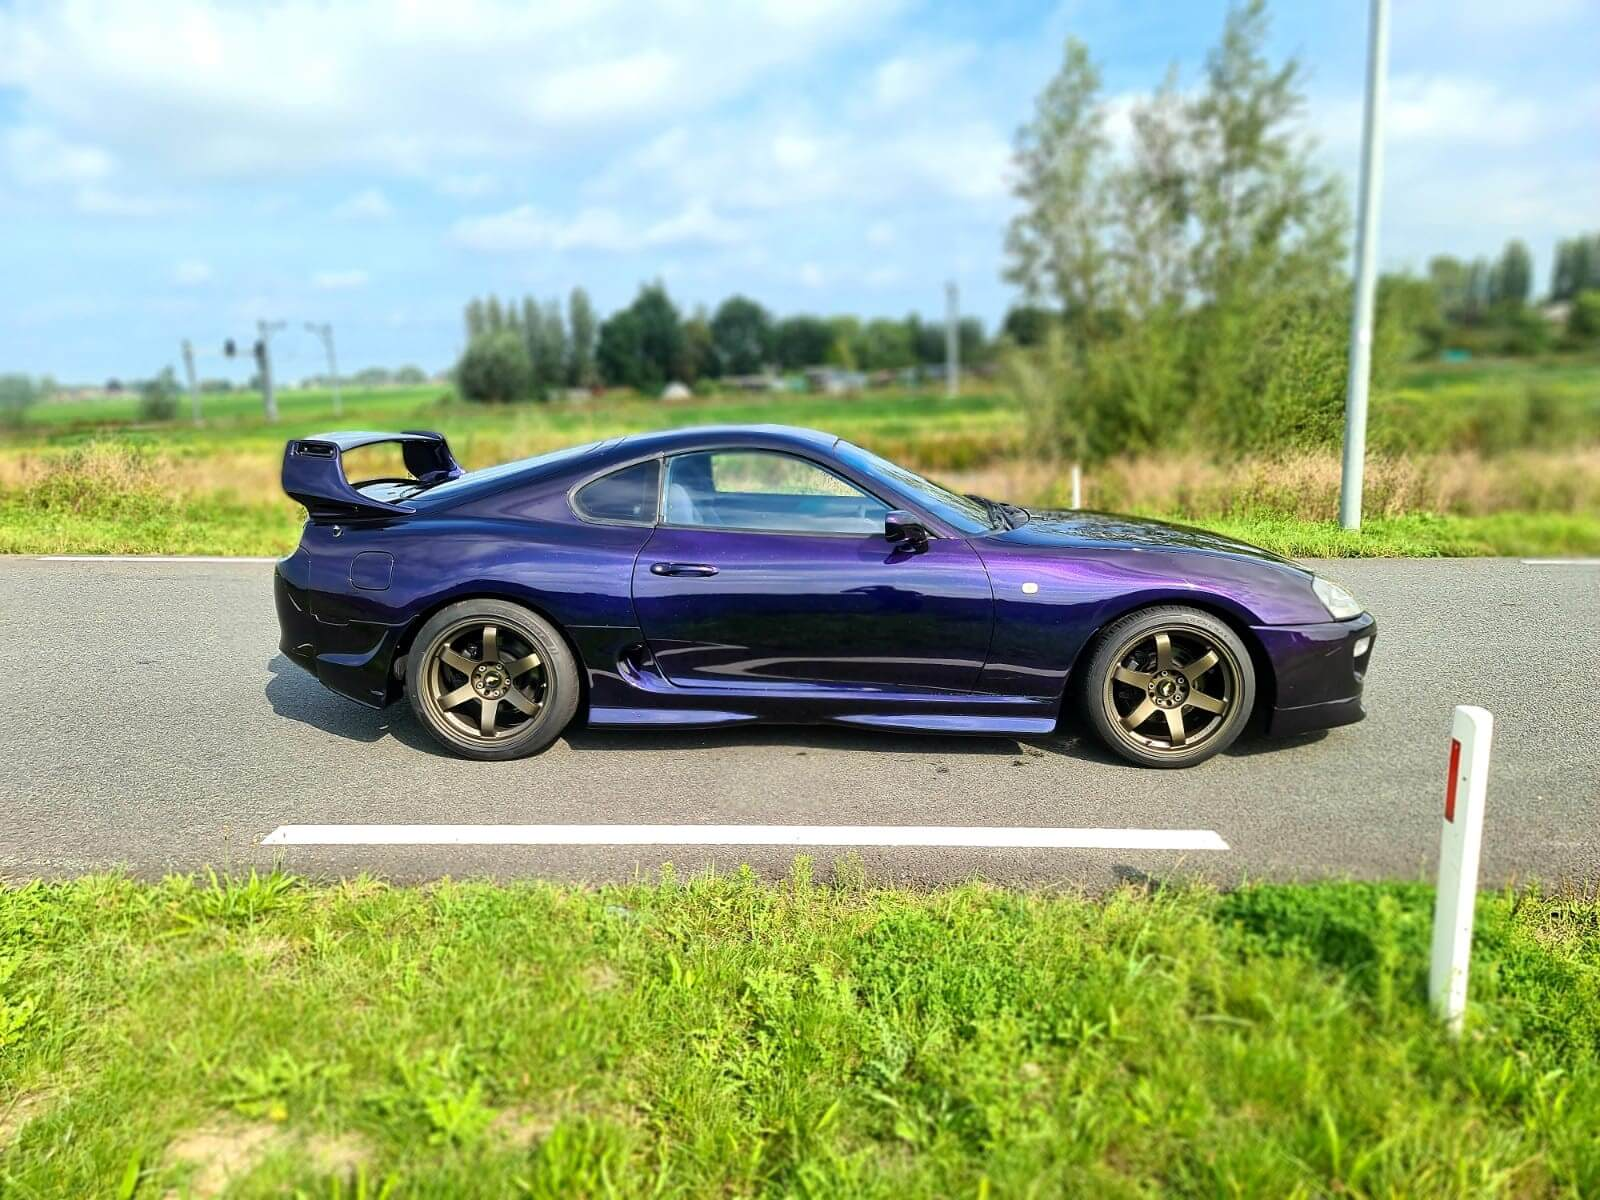 Toyota-Supra-Non-Turbo-W58-5-Speed-5